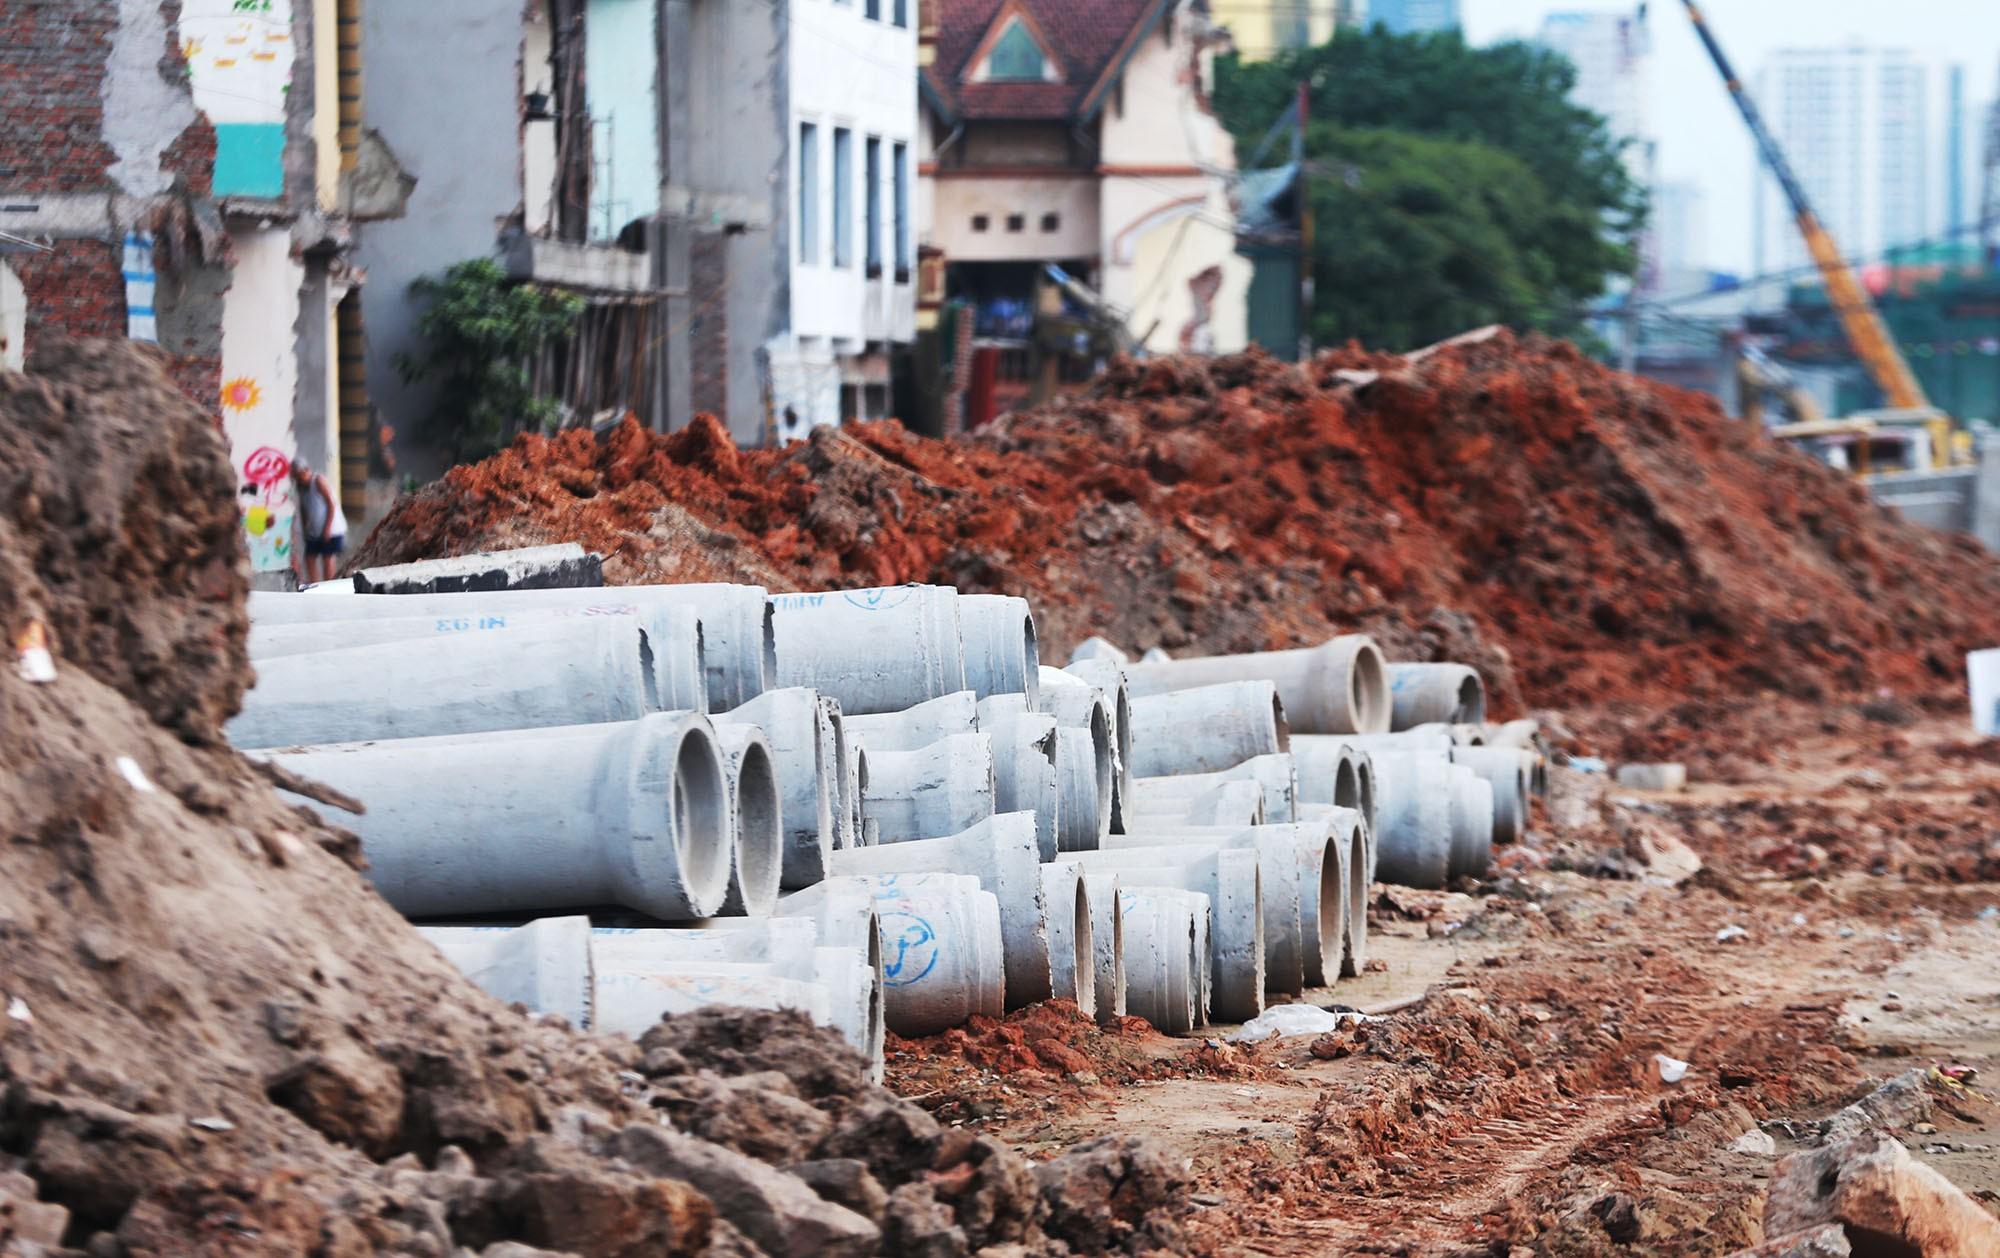 Hà Nội: Đường Phạm Văn Đồng vẫn ngổn ngang hơn 1 năm thi công dự án cao tốc trên cao - Ảnh 5.